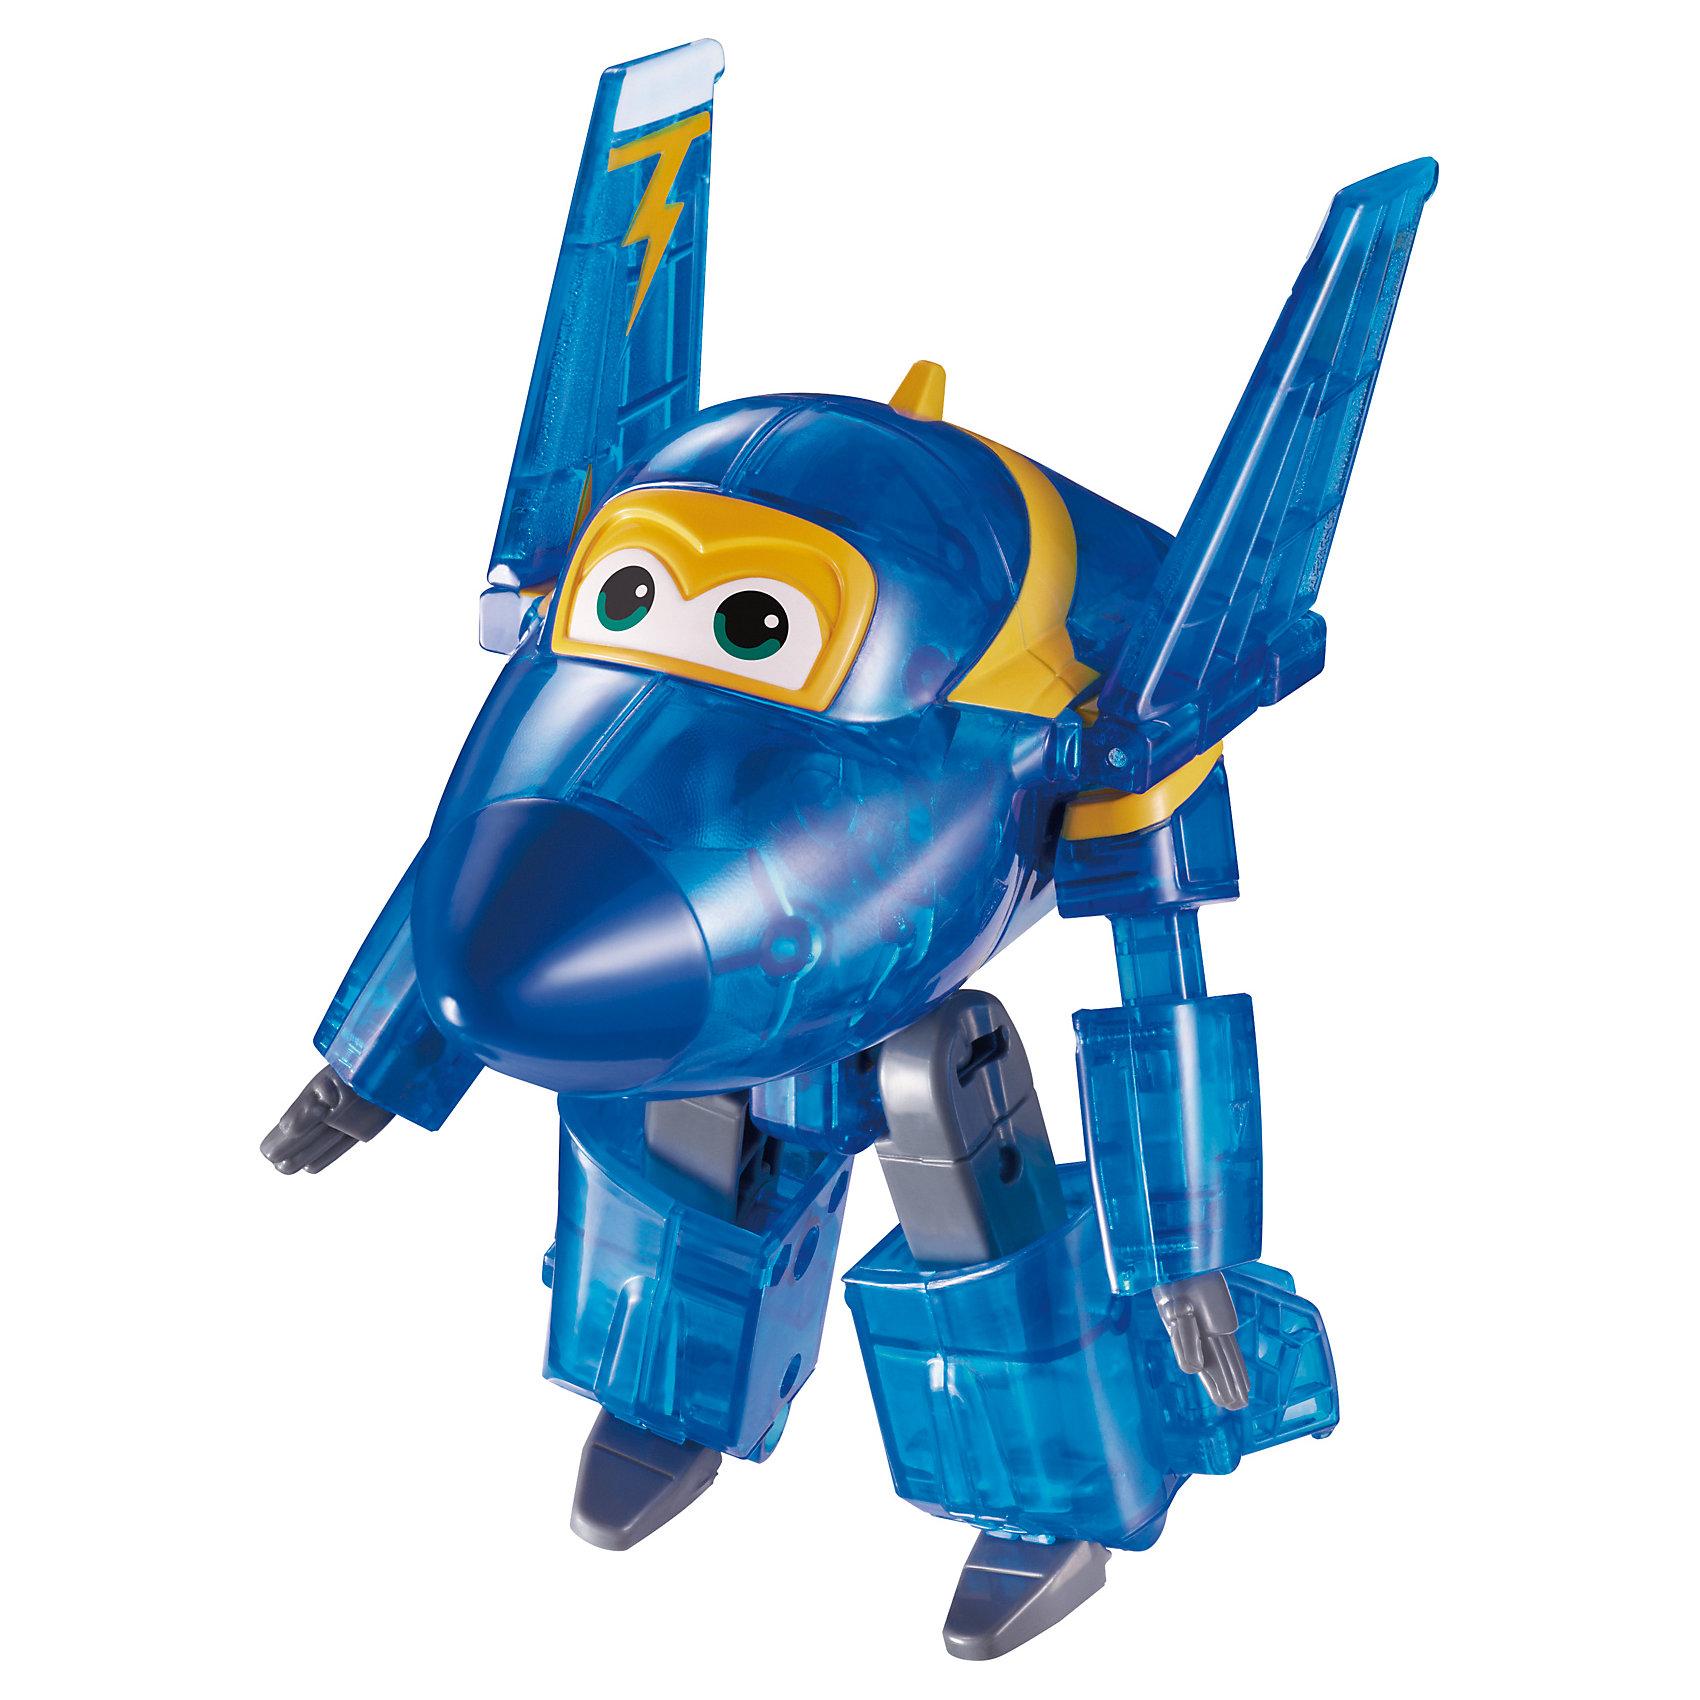 Трансформер Джером, Супер КрыльяФигурки героев<br>Играть с самолетами любит практически каждый ребенок. Сделать игру ярче и увлекательнее поможет герой популярного мультфильма Супер Крылья, любимого детьми. Игрушка всего за несколько мгновений трансформируется из самолета в робота. К нему можно также фигурки-трансформеры заказать друзей из этого мультфильма! Компактный размер позволит ребенку брать игрушку с собой в гости или на прогулку.                <br>Этот трансформер обязательно порадует ребенка! Игры с ним также помогают детям развивать воображение, логику, мелкую моторику и творческое мышление. Самолет сделан из качественных и безопасных для ребенка материалов.<br><br>Дополнительная информация:<br><br>цвет: разноцветный;<br>размер упаковки: 13 х 16 х 7 см;<br>вес: 400 г;<br>материал: пластик.<br><br>Игрушку Трансформер Джером можно купить в нашем магазине.<br><br>Ширина мм: 130<br>Глубина мм: 160<br>Высота мм: 70<br>Вес г: 400<br>Возраст от месяцев: 36<br>Возраст до месяцев: 2147483647<br>Пол: Мужской<br>Возраст: Детский<br>SKU: 4918777